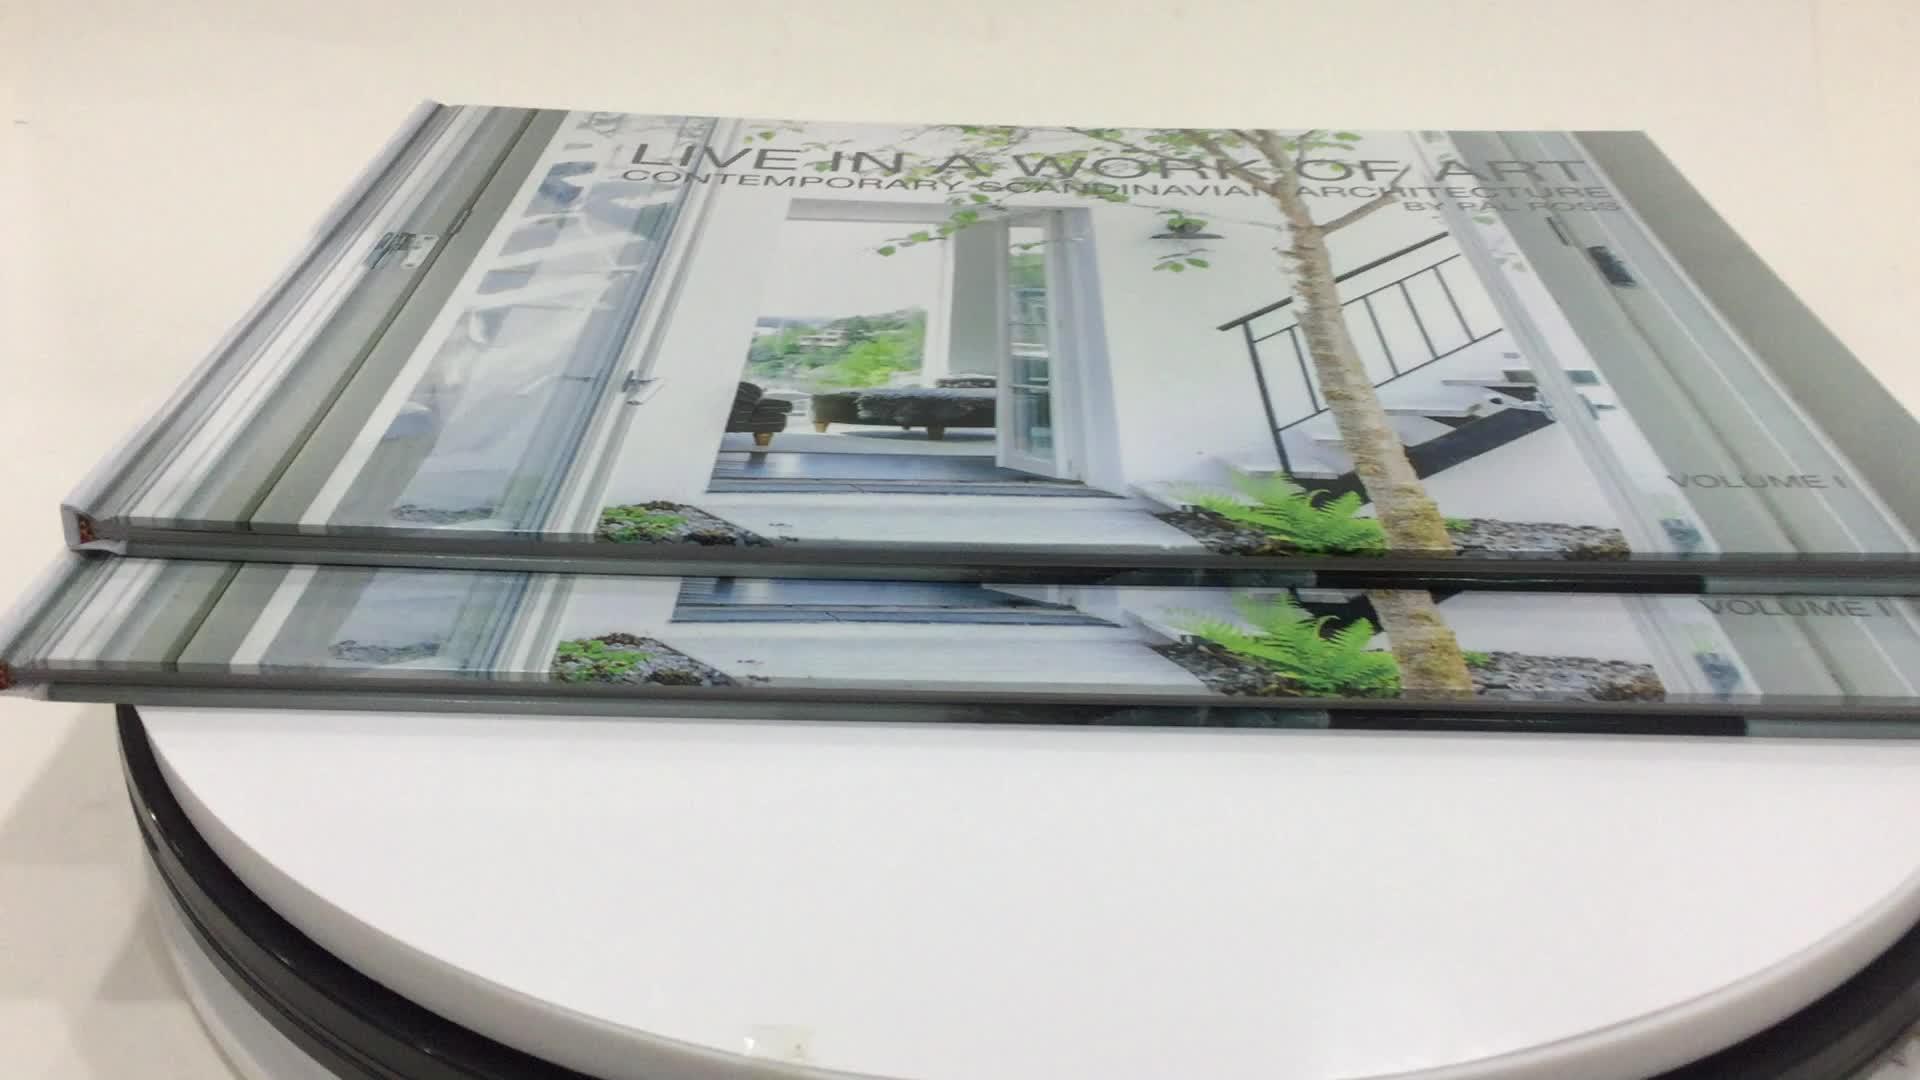 Manufactory Diretamente China Serviço de Impressão Offset Profissional de Alta Qualidade Coloração Personalizado Barato a3 Impressão de Livro de Capa Dura